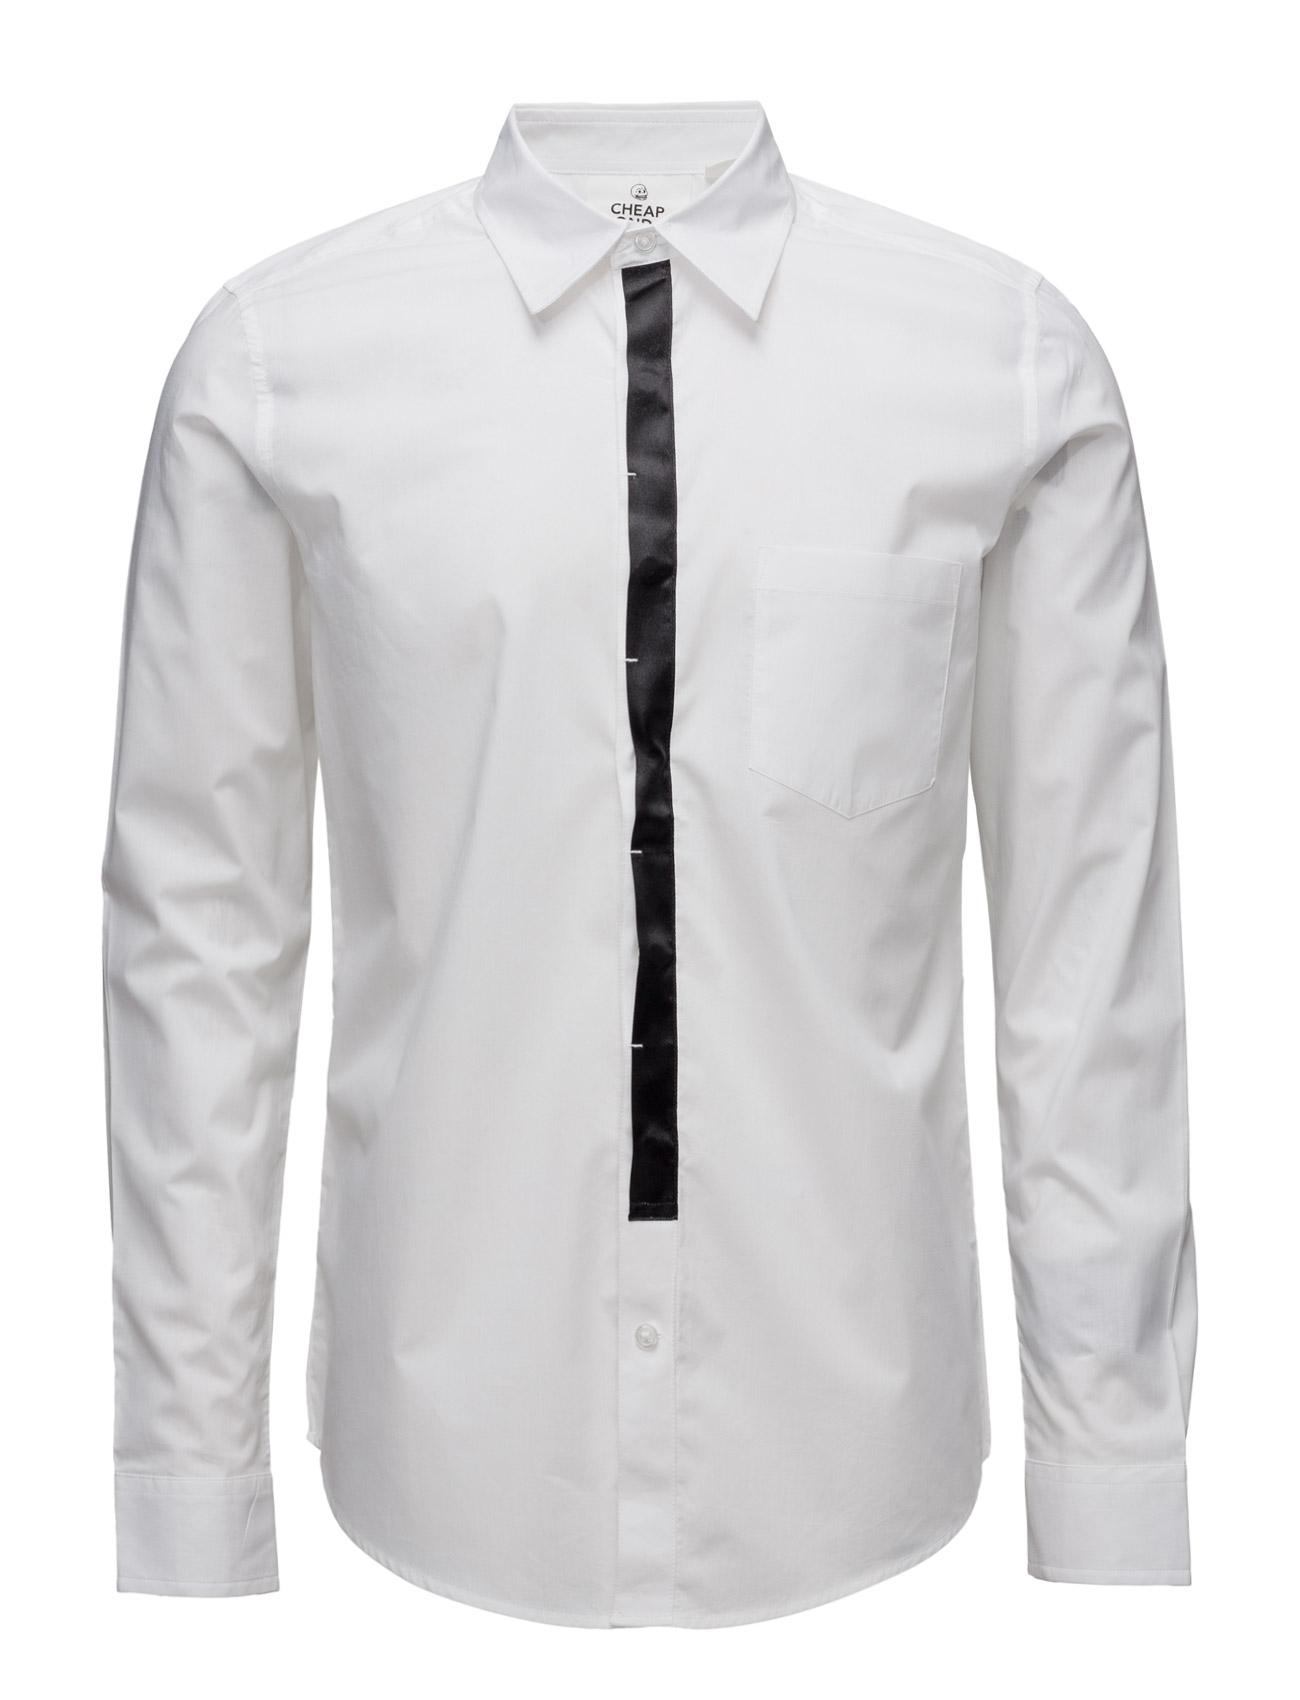 Status Shirt Cheap Monday Trøjer til Mænd i hvid